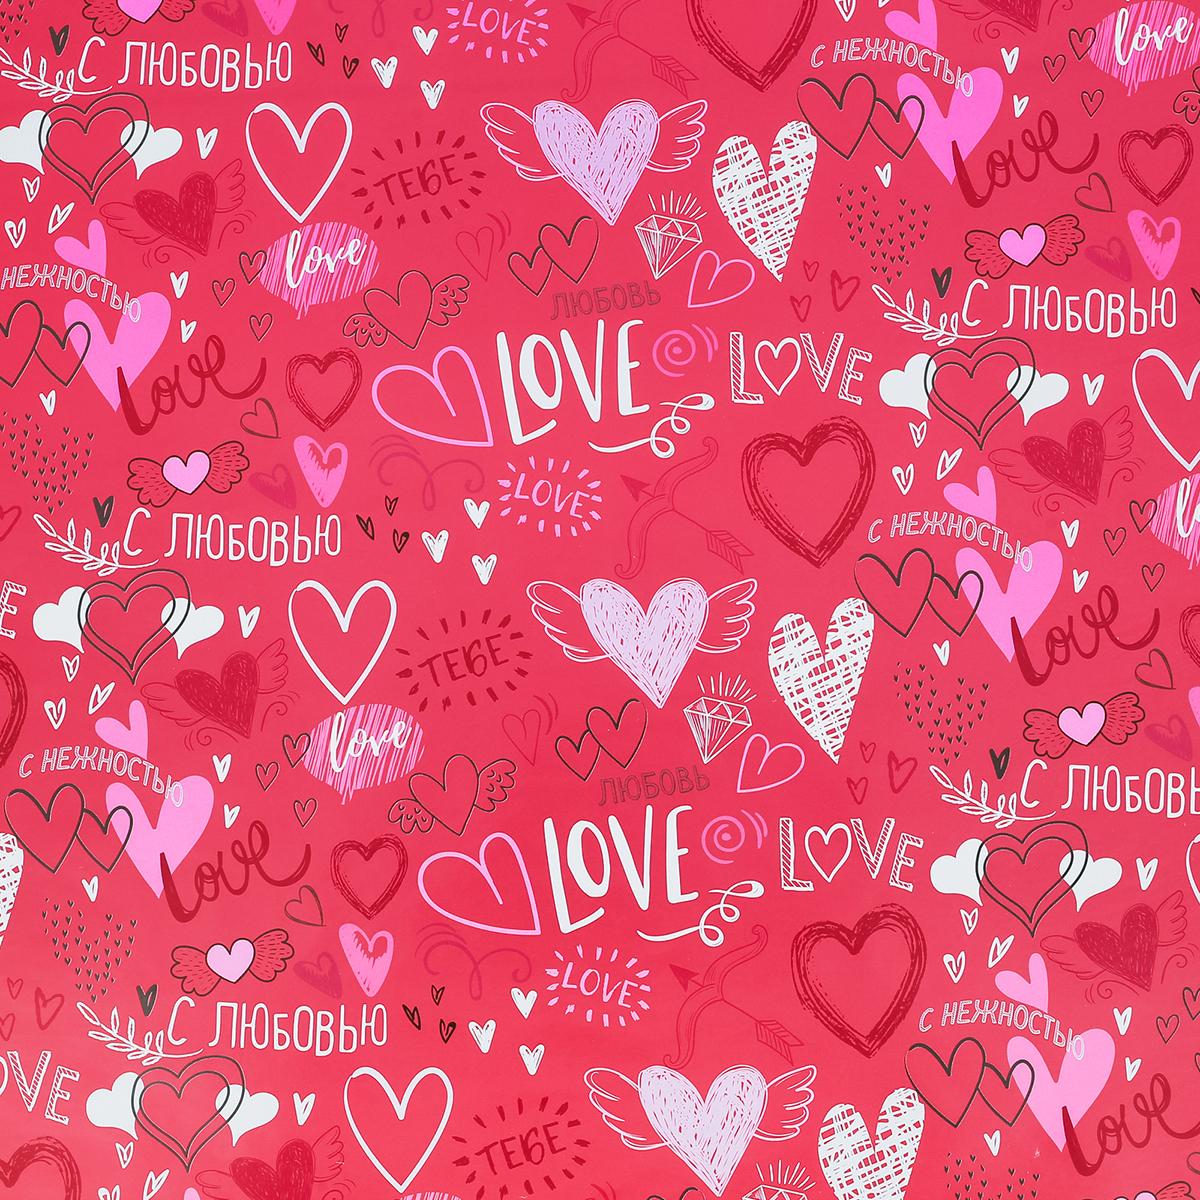 Бумага упаковочная Дарите счастье С любовью, глянцевая, 70 х 100 см. 2862084 бумага упаковочная magic time украшения и подарки 100 х 70 см